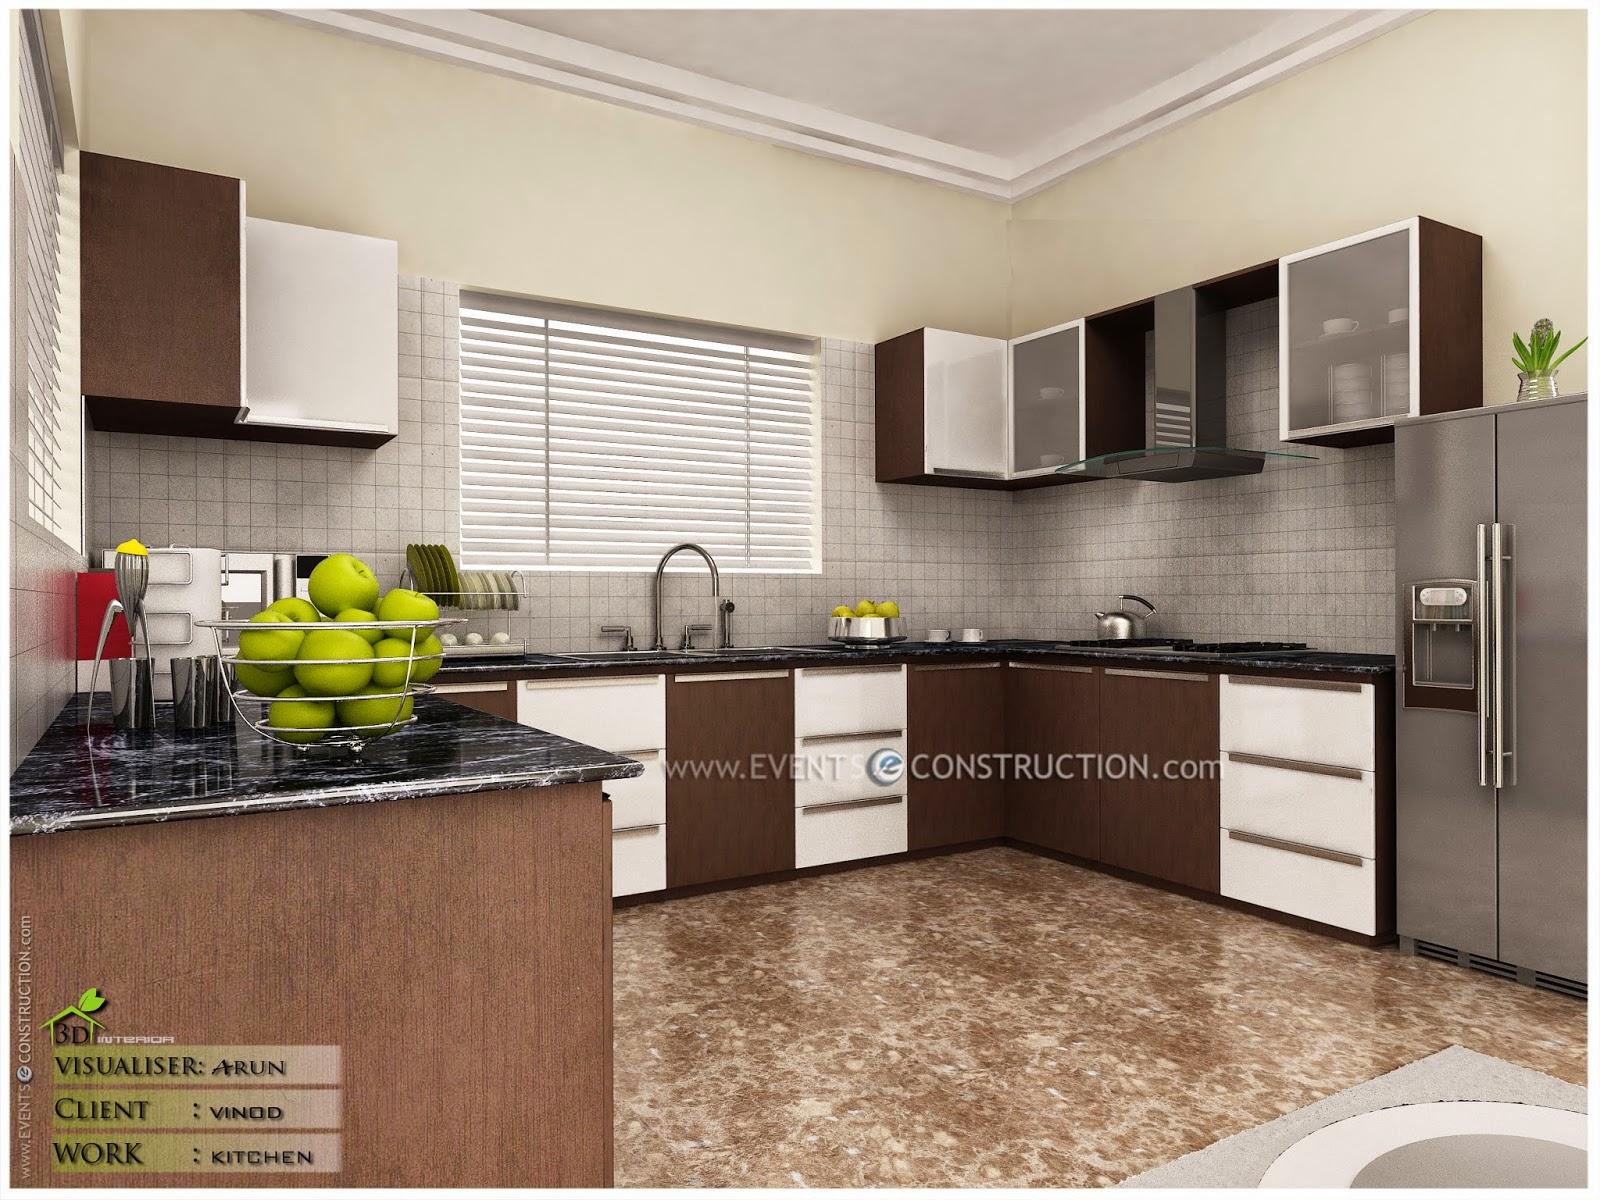 kitchen 01 5 2 2013